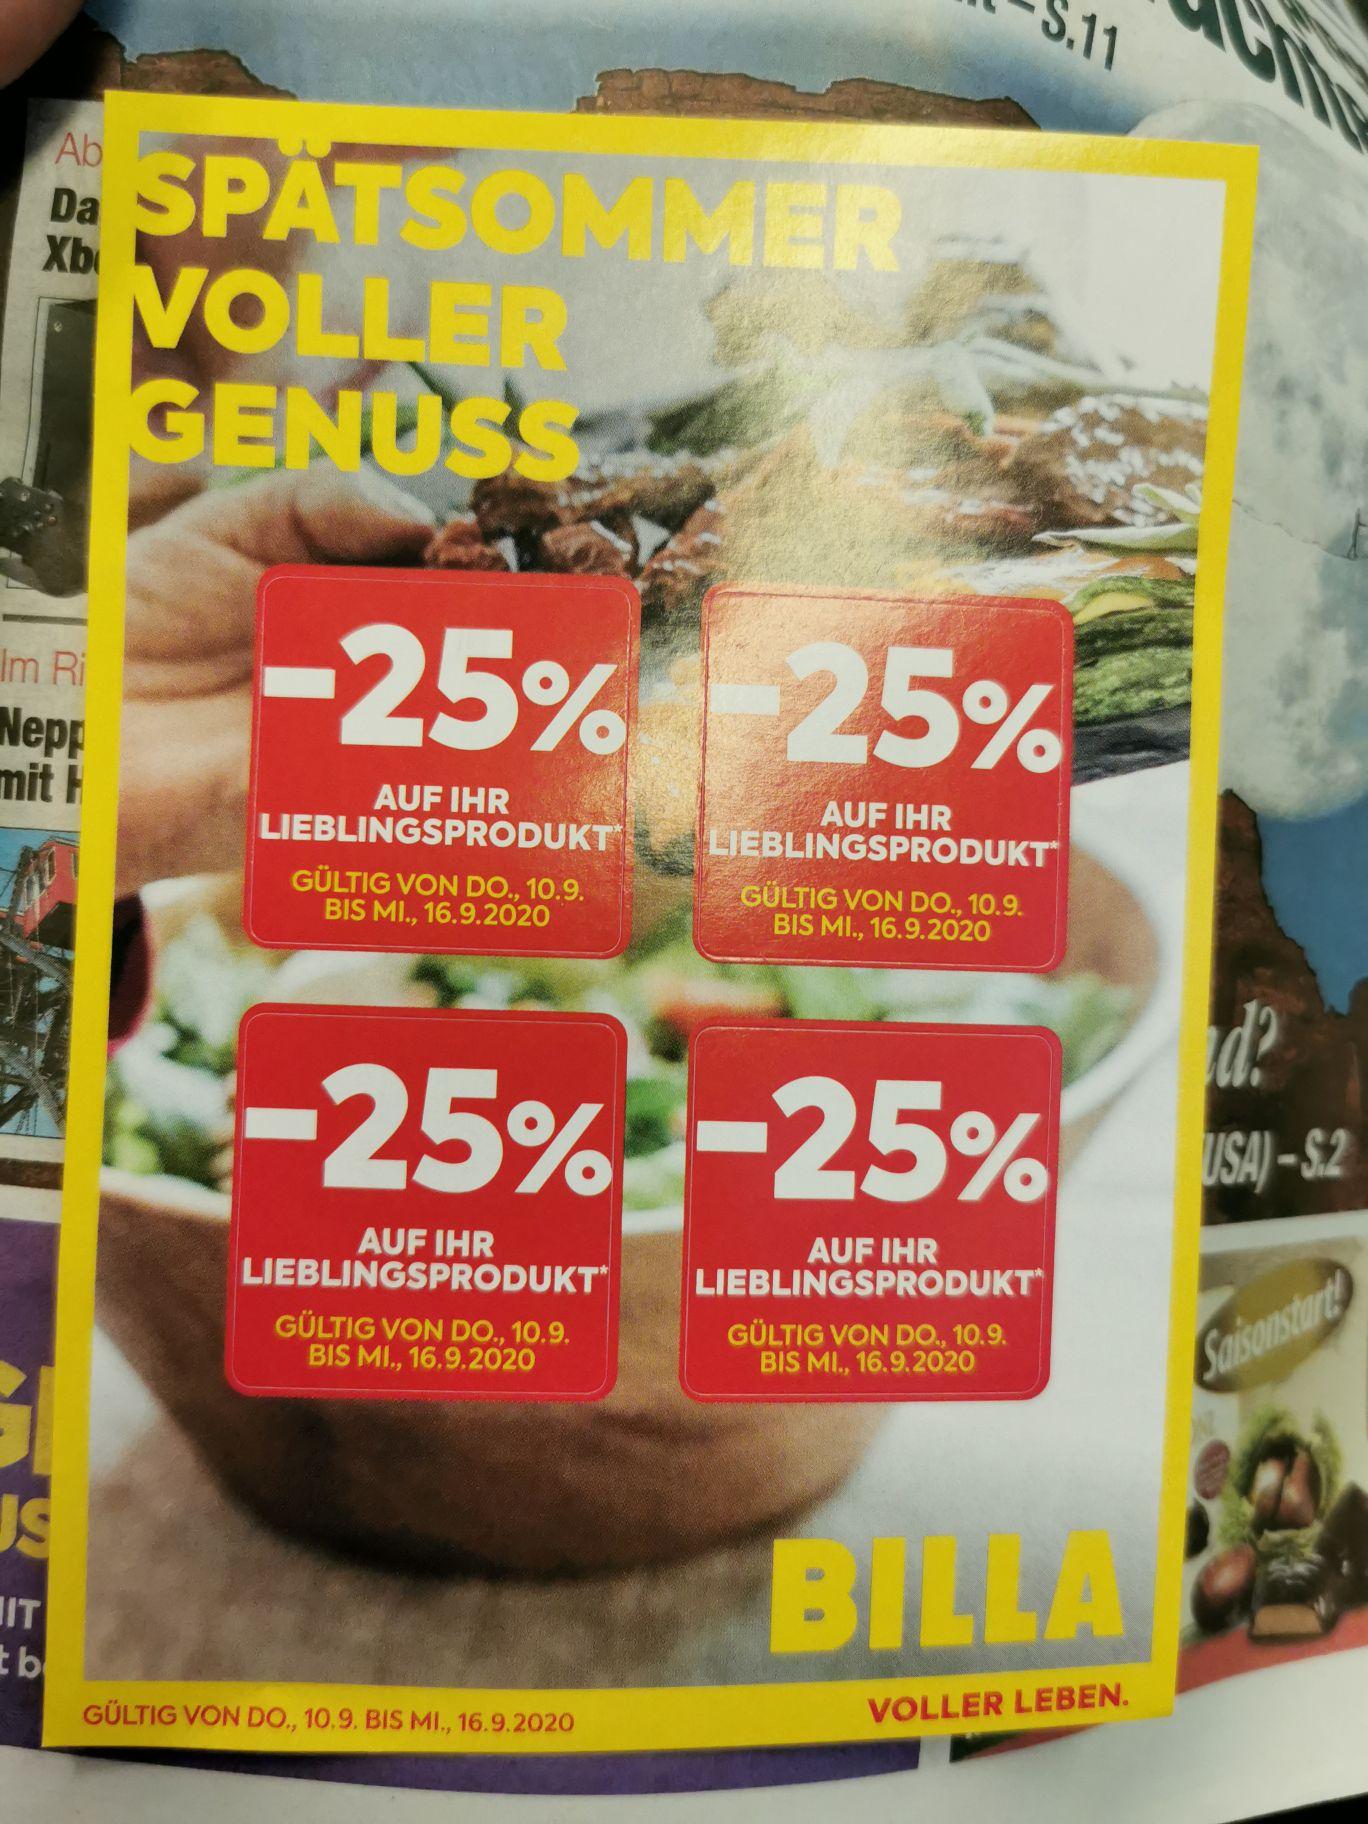 Nachtrag zum Spomi Flugblattdeal:Billa 4 Stk.- 25% Pickeln auf der heutigen Heute Zeitung